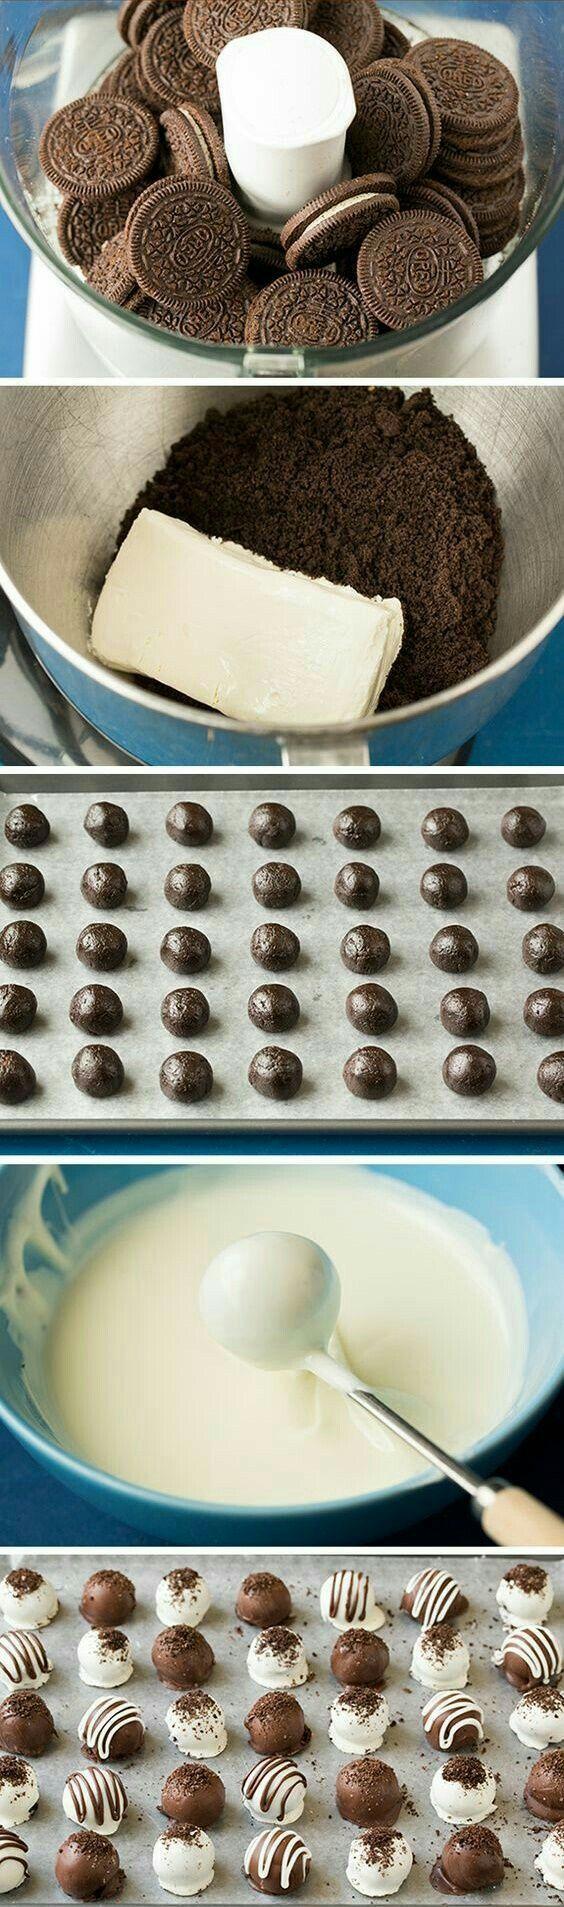 Estas son las #Trufas más ricas y fáciles de hacer. Conoce la #receta aquí.  #RecetasFaciles #postres #TrufasDeChocolate